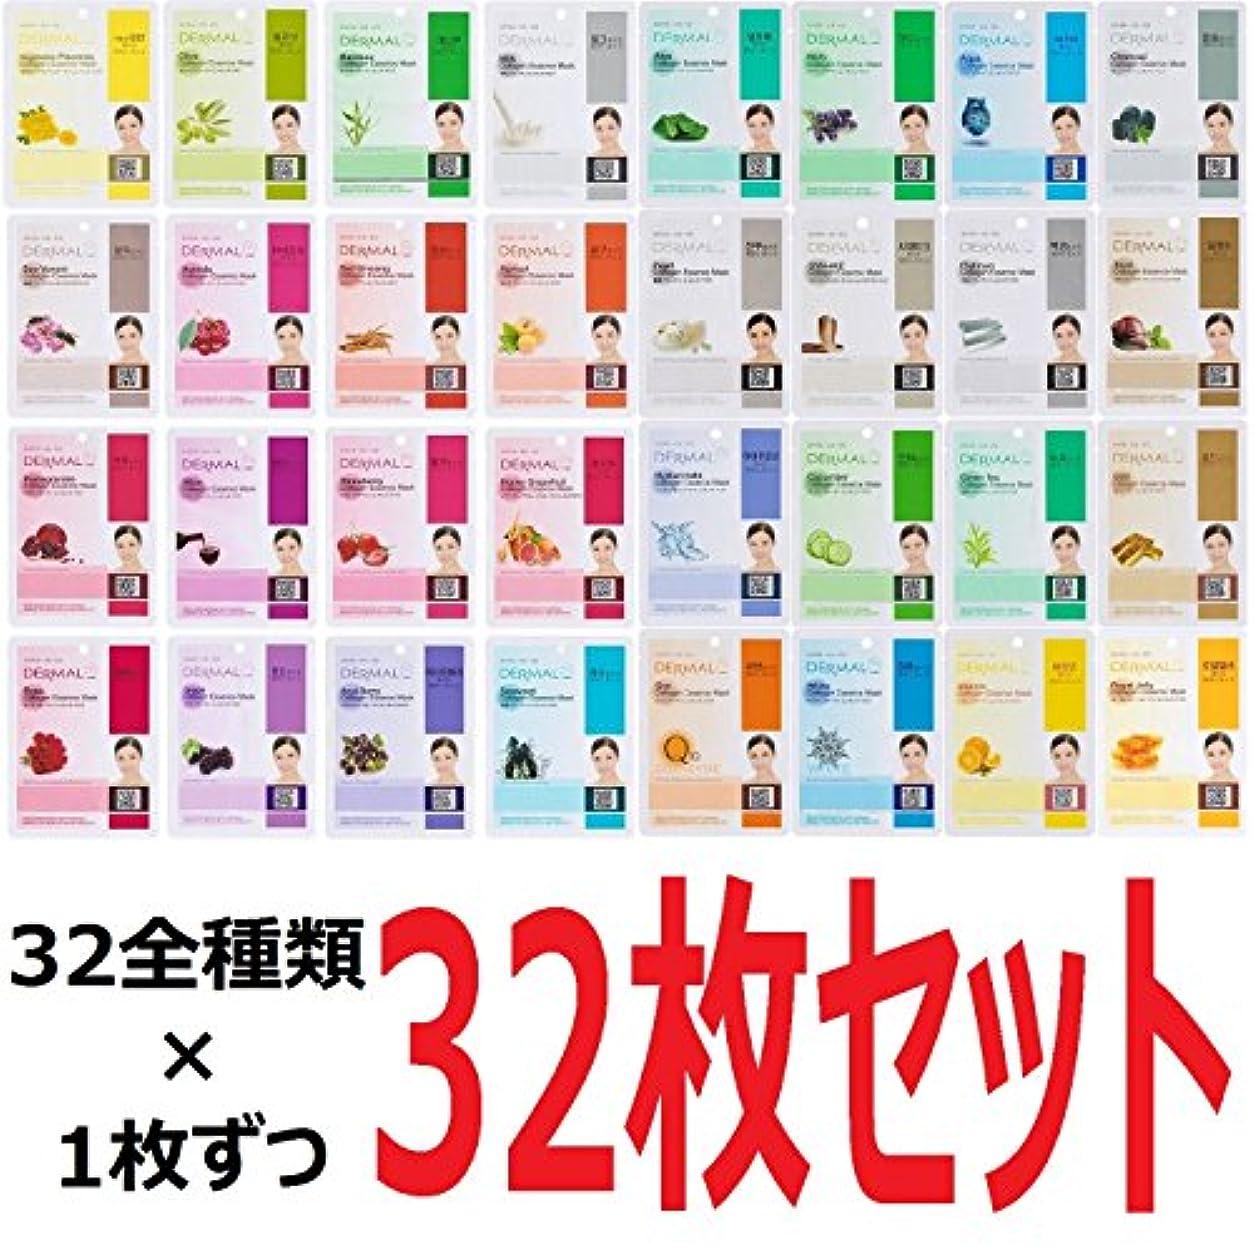 本祖先どんよりしたDERMAL(ダーマル) エッセンスマスク 32枚セット(32種全種類)/Essence Mask 32pcs [並行輸入品]